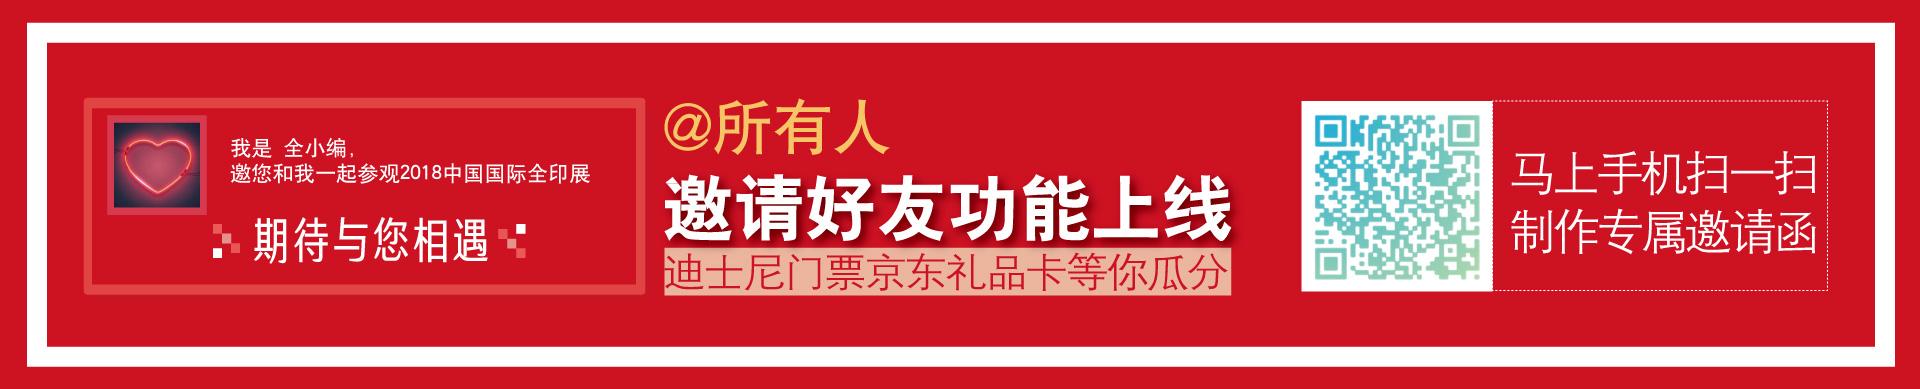 首页banner-cn-2